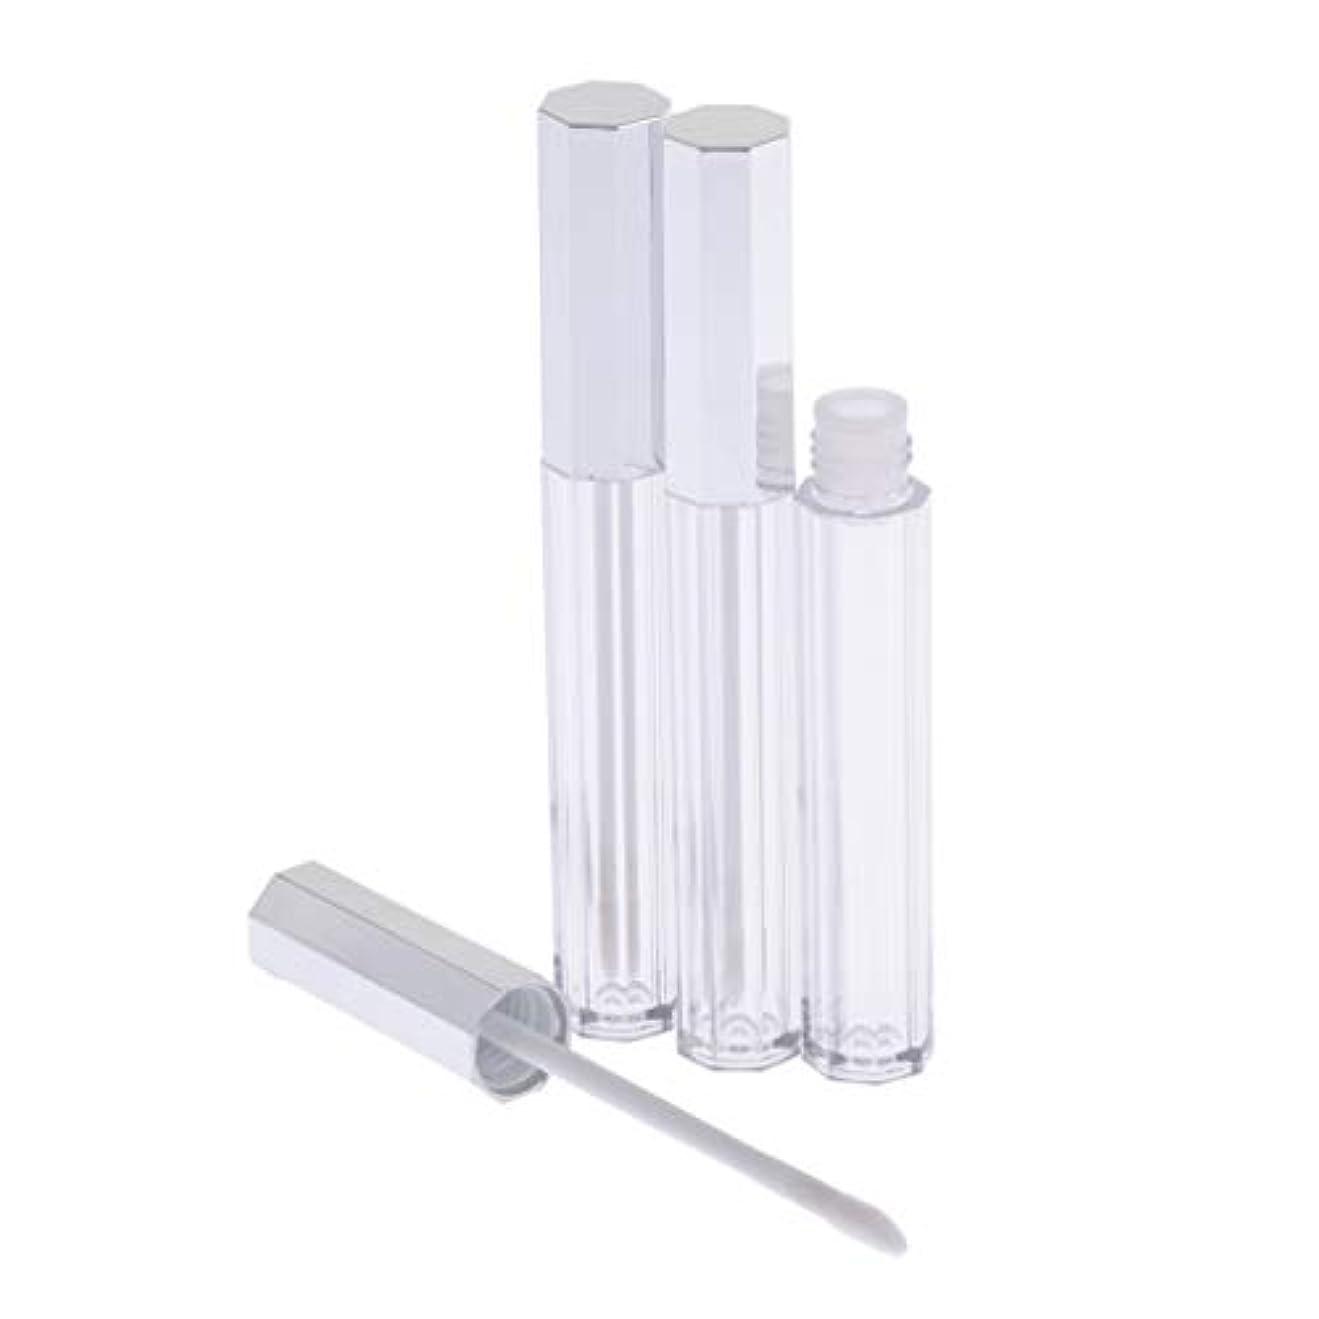 贅沢便利リズムリップグロス 容器 チューブ 口紅 容器 空 プラスチック リップグロスボトル 5ml 3個セット